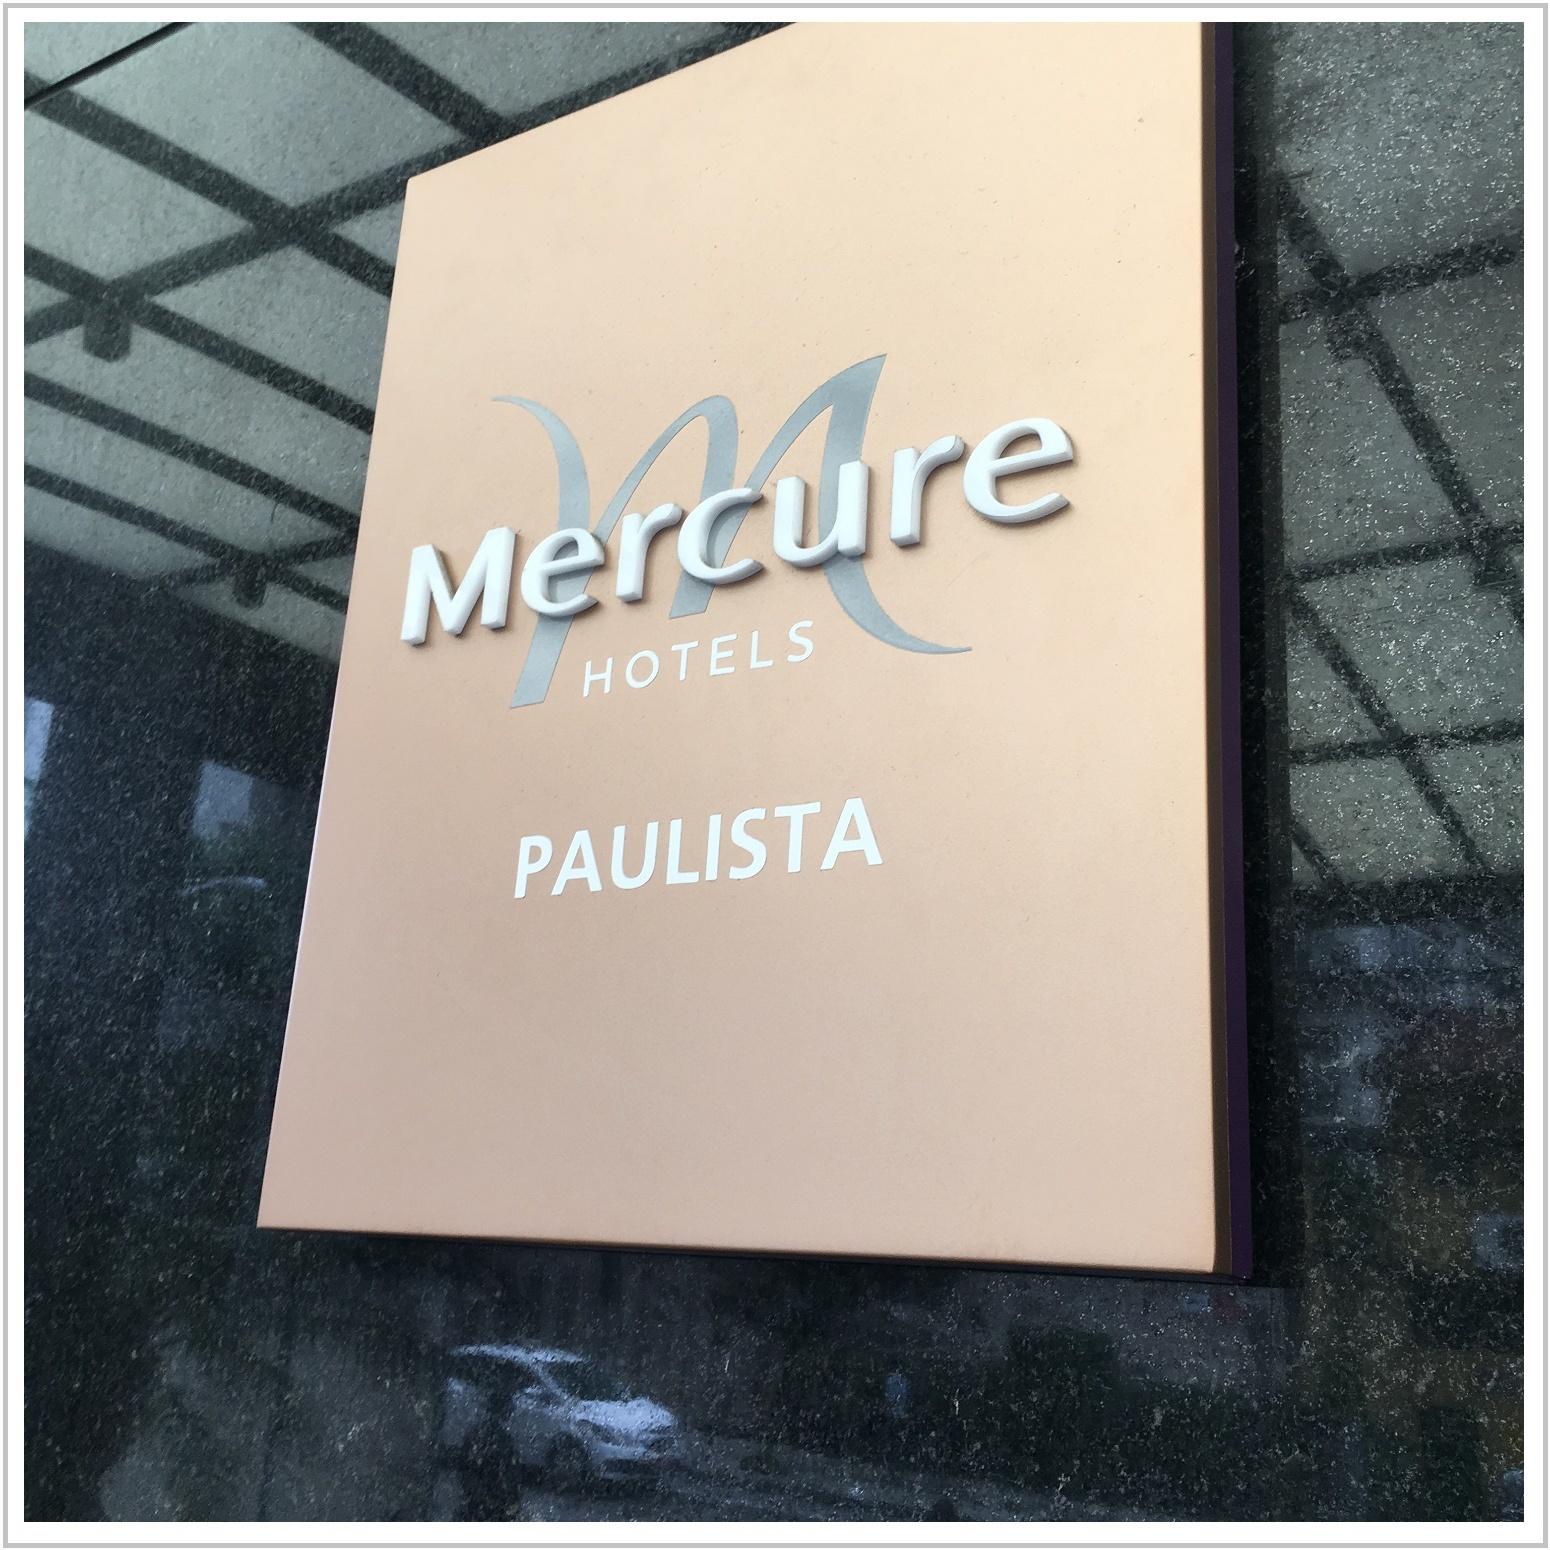 mercure_1_1117.jpg